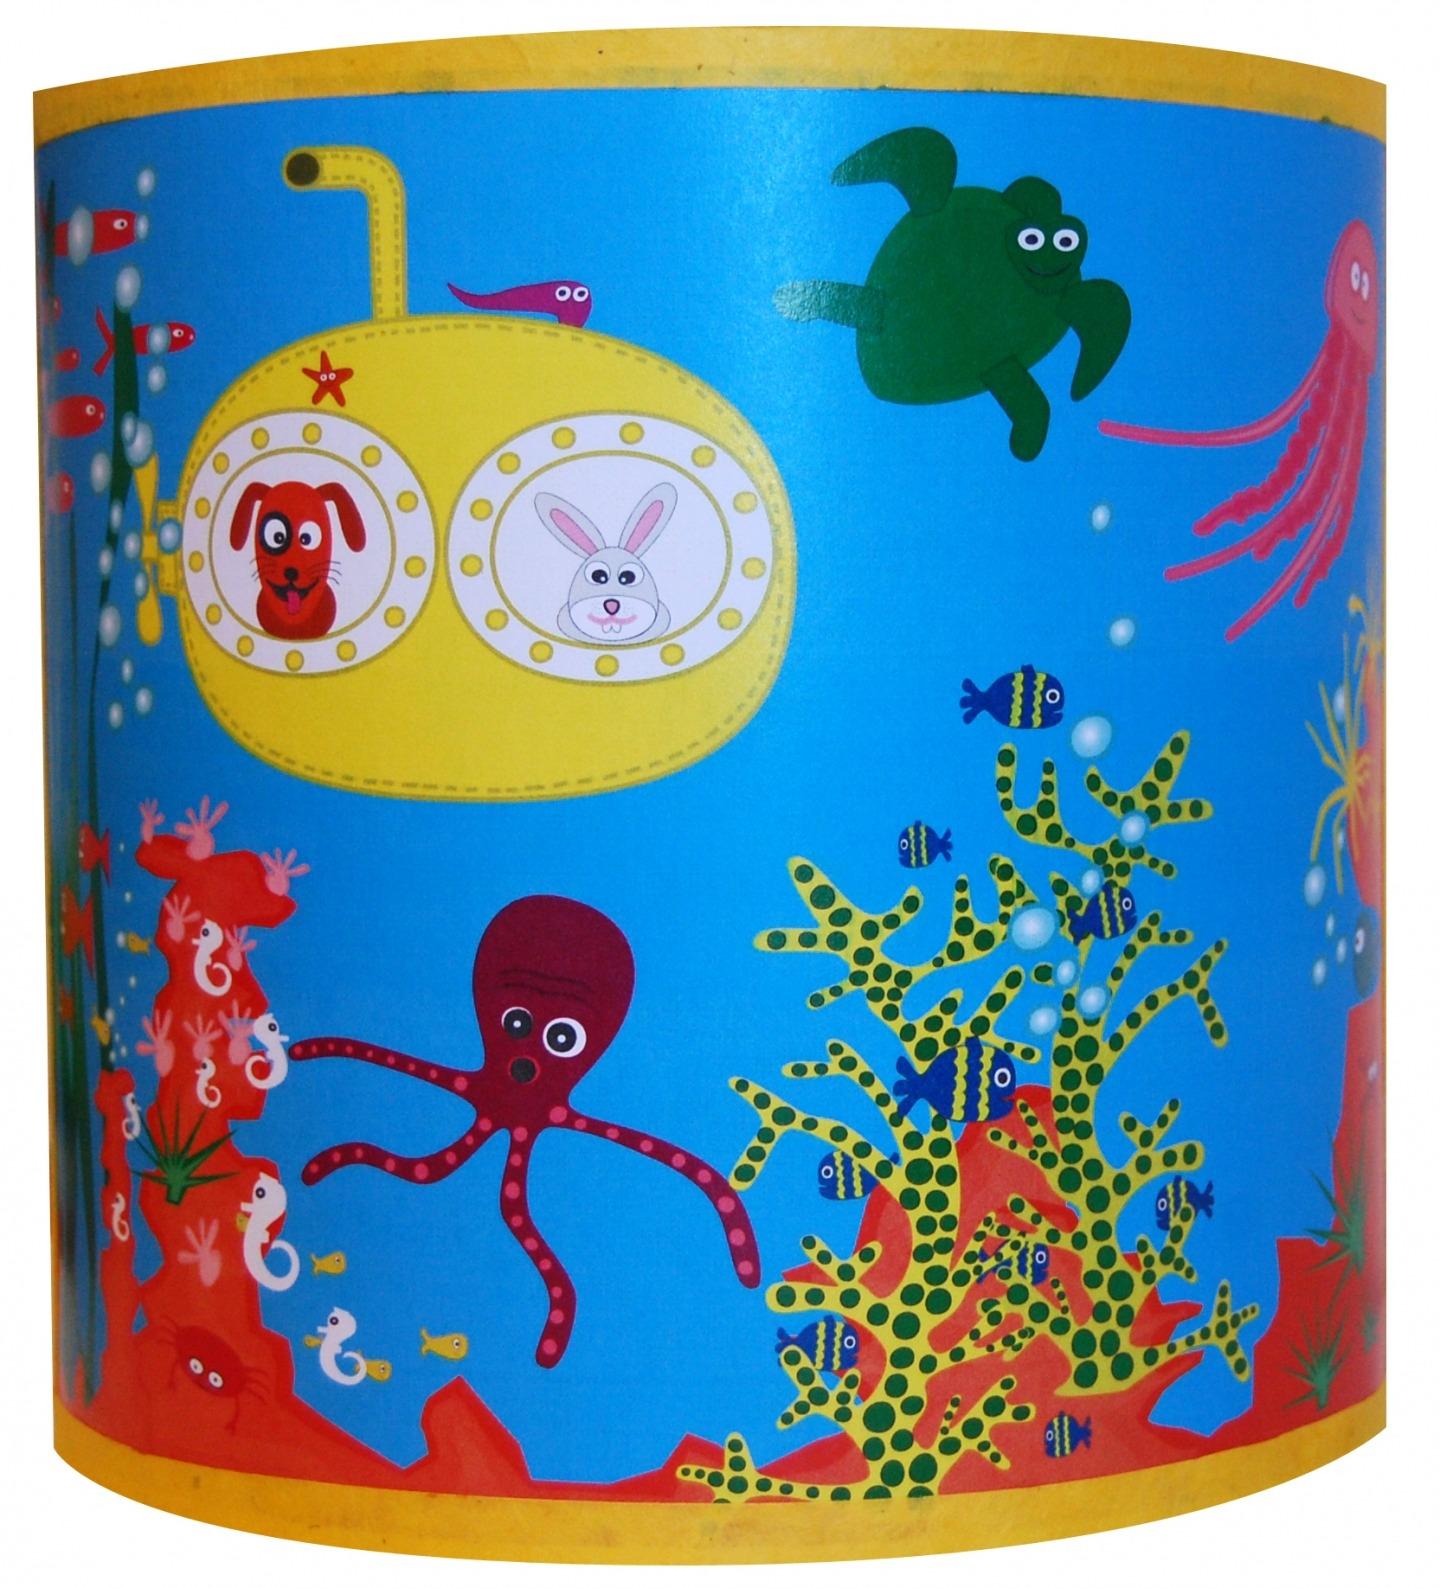 Decoration pour enfants luminaire enfant applique tous a l 2815565 sous marin ap 2abb7 big